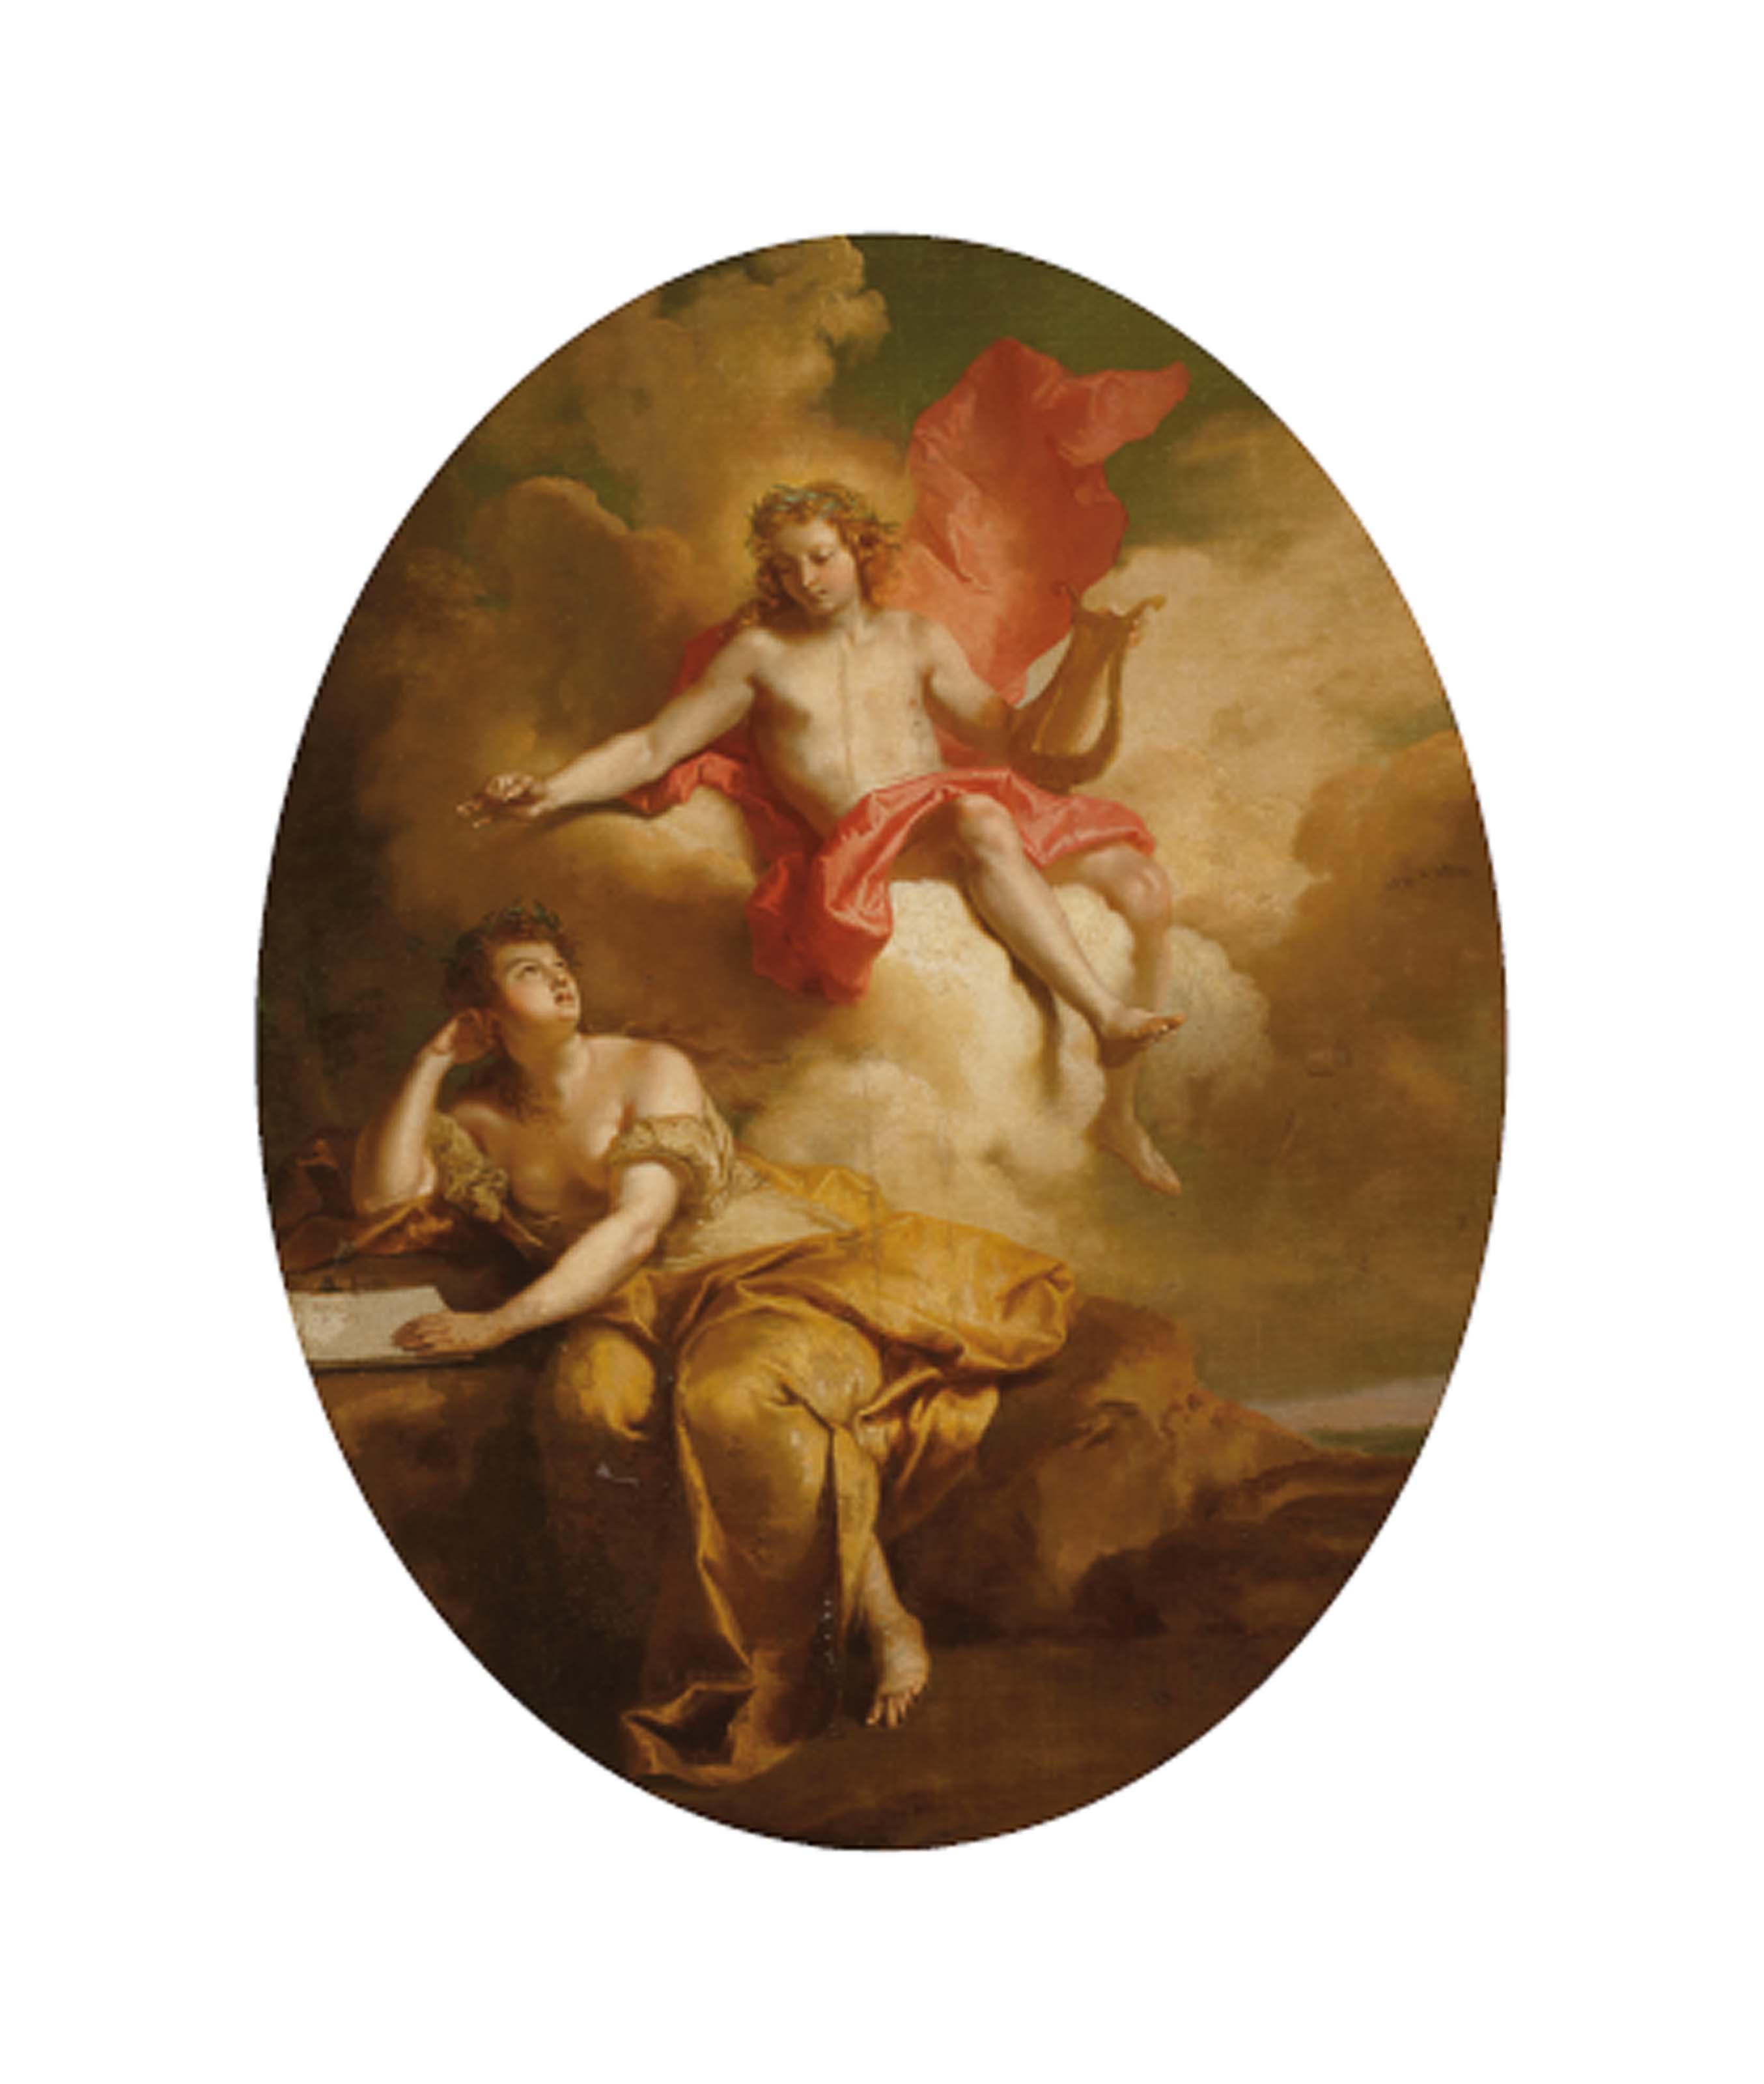 AUGER LUCAS (PARIS 1685-1765)